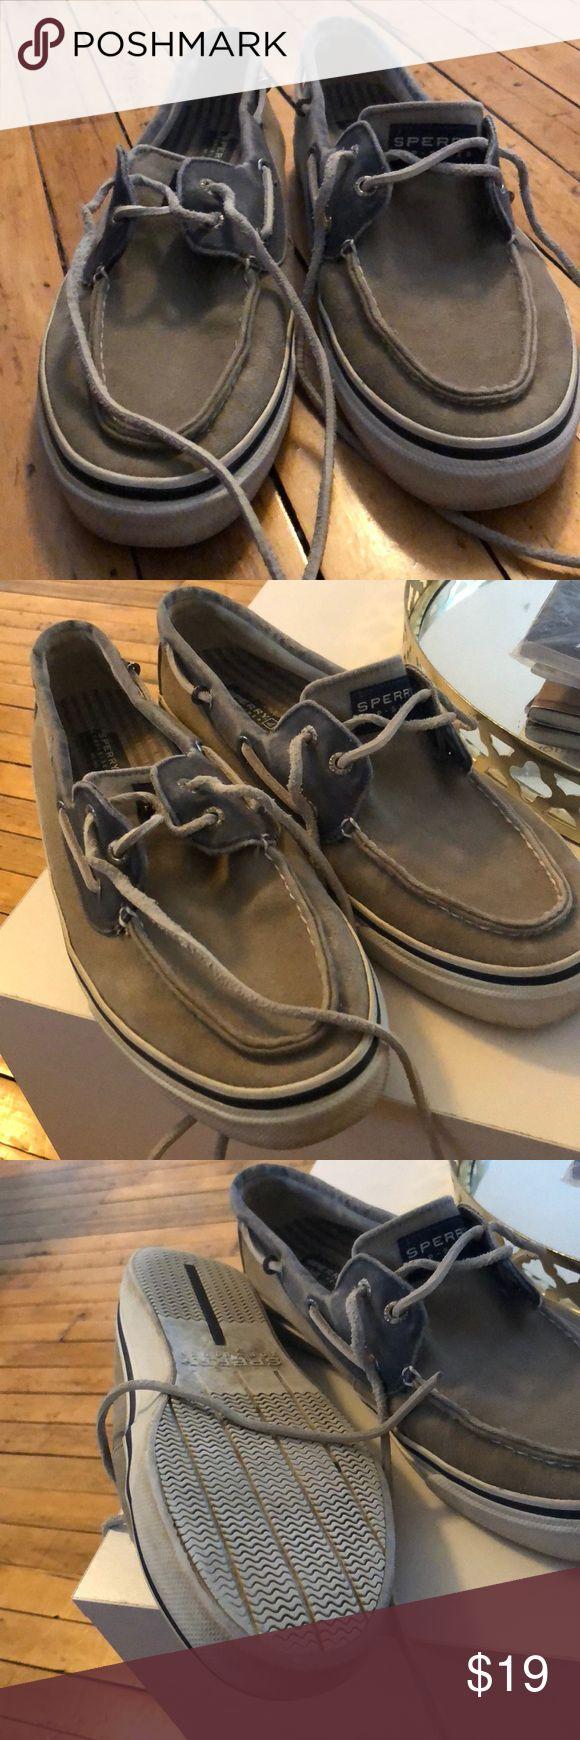 Sperry Top Sider men's boat shoes Men's 10.5 Top-sider Material Sperry Top-Sider Shoes Boat Shoes